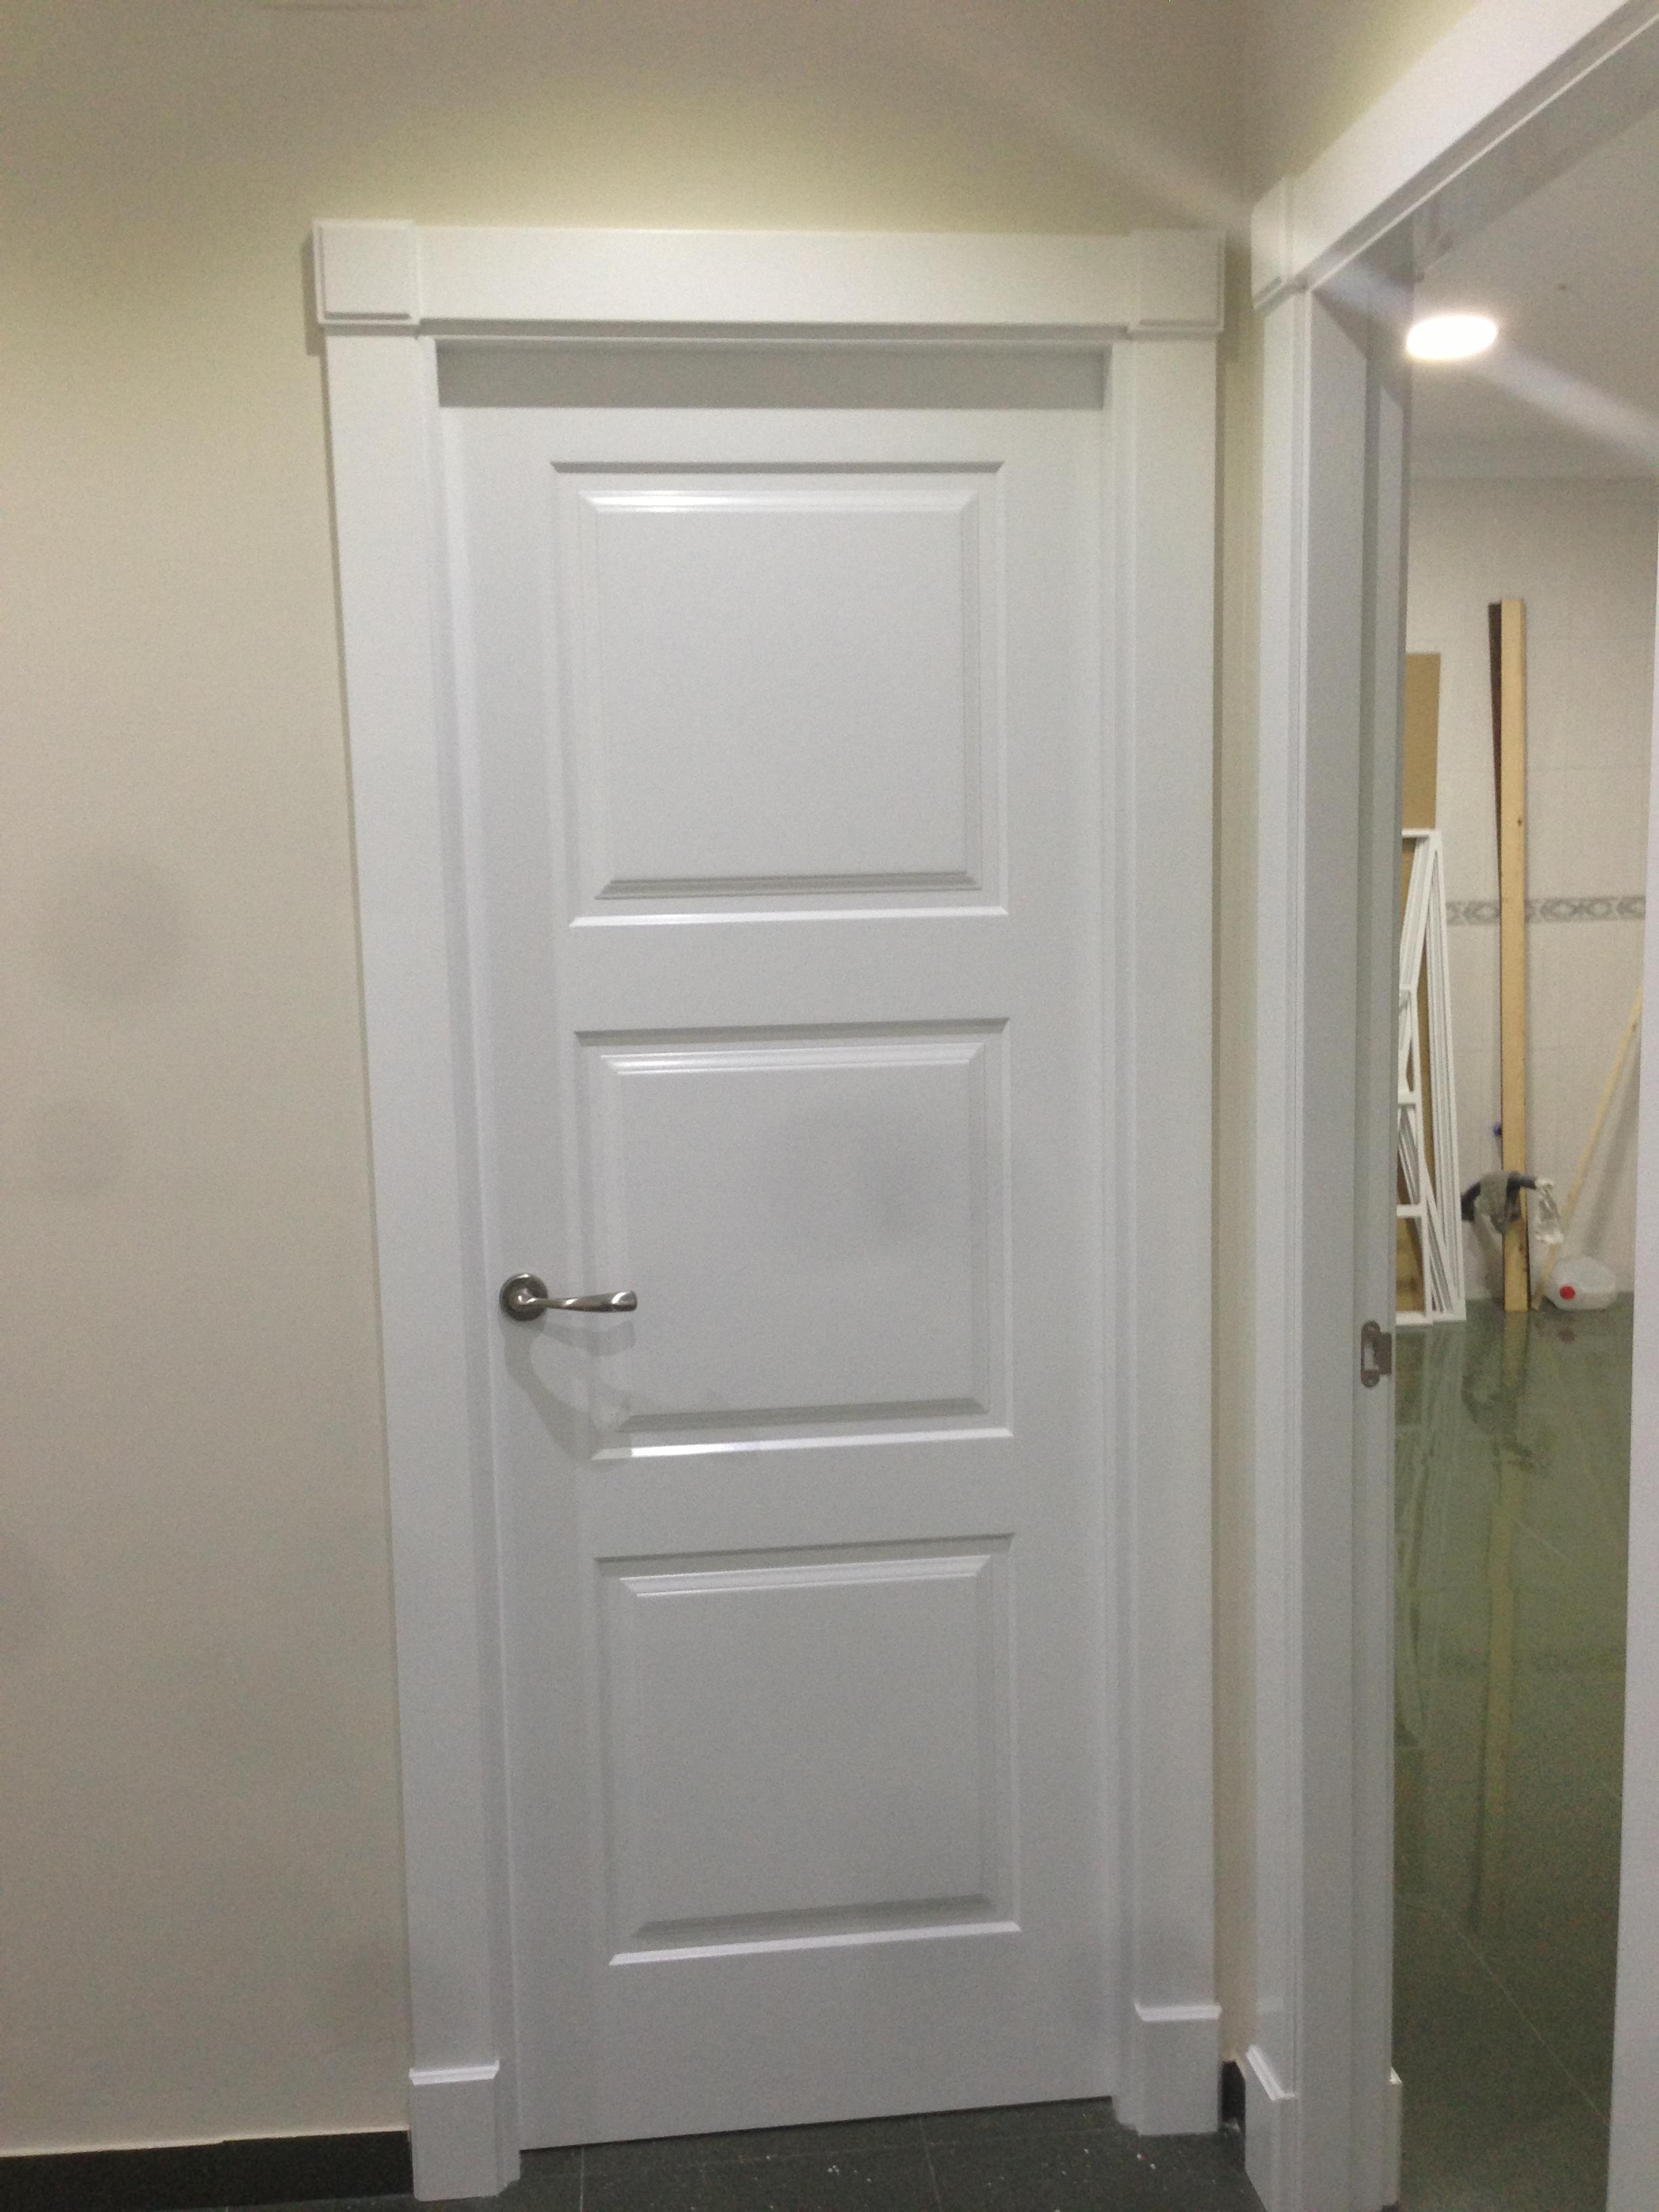 Precios de puertas de interior baratas 48315 puertas ideas for Precio puertas blancas